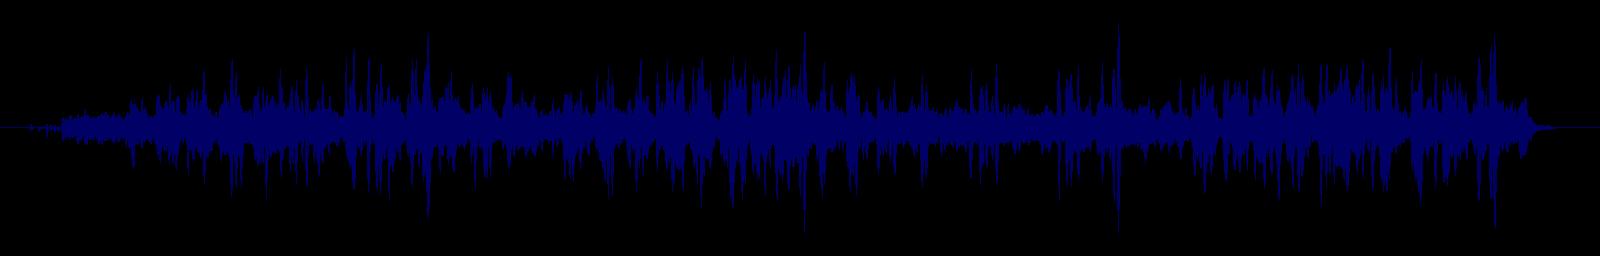 waveform of track #131650